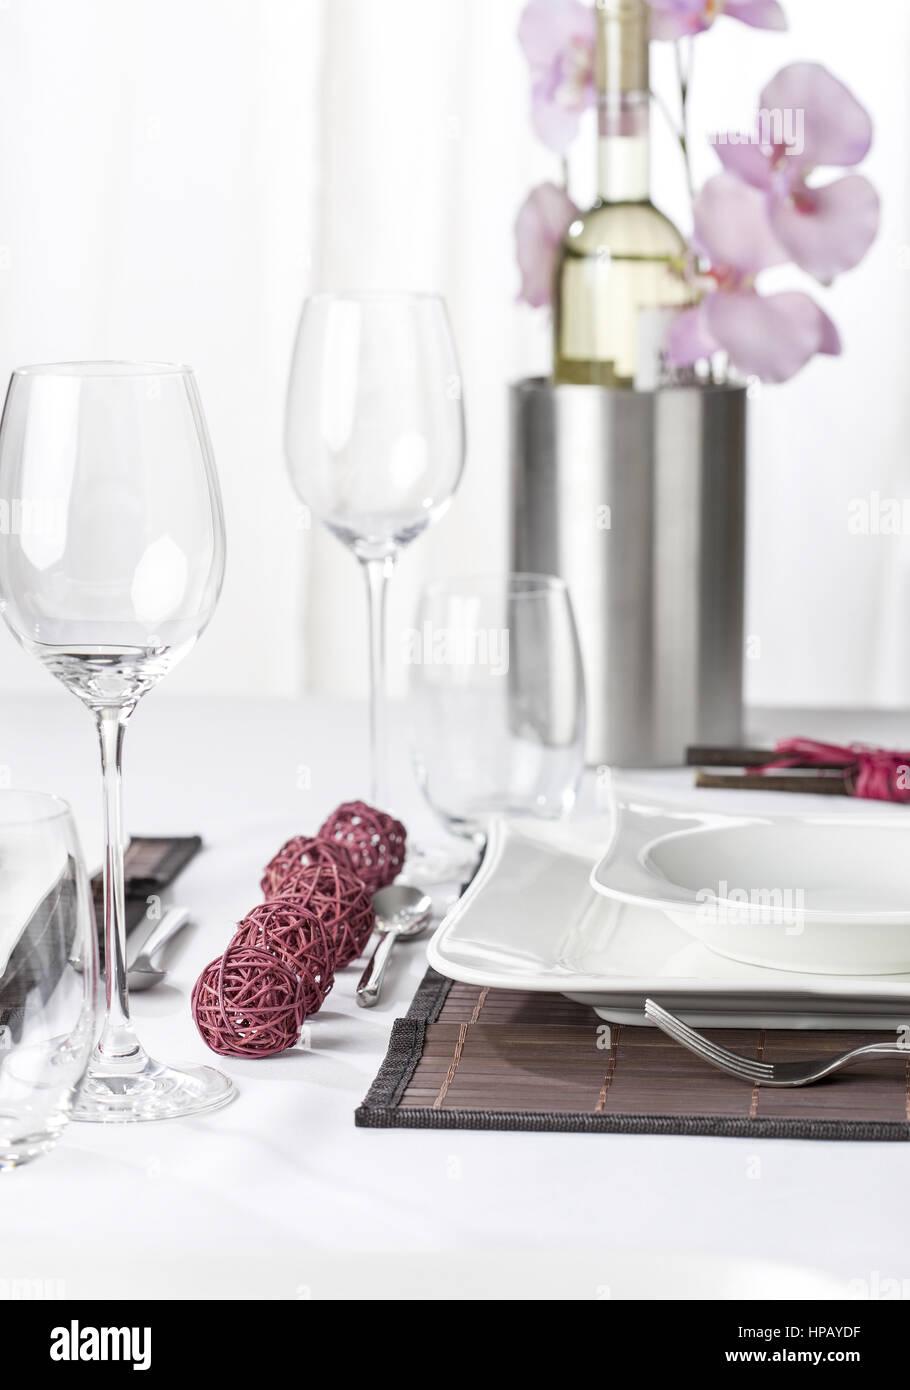 tisch stockfotos tisch bilder alamy. Black Bedroom Furniture Sets. Home Design Ideas